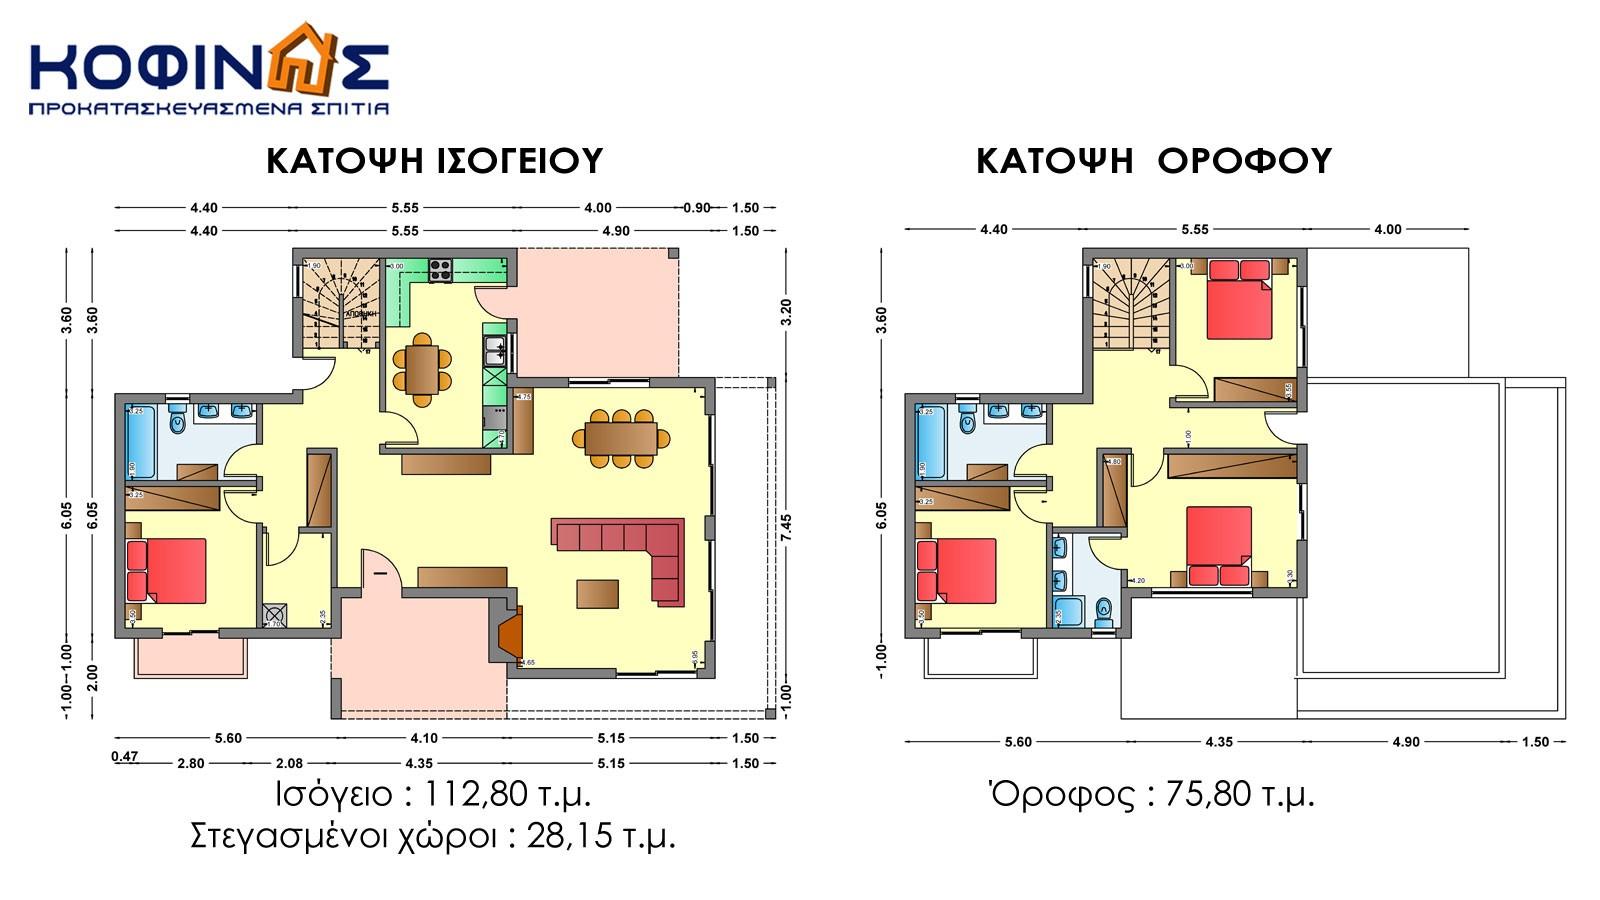 Διώροφη Κατοικία D-188, συνολικής επιφάνειας 188,60 τ.μ.